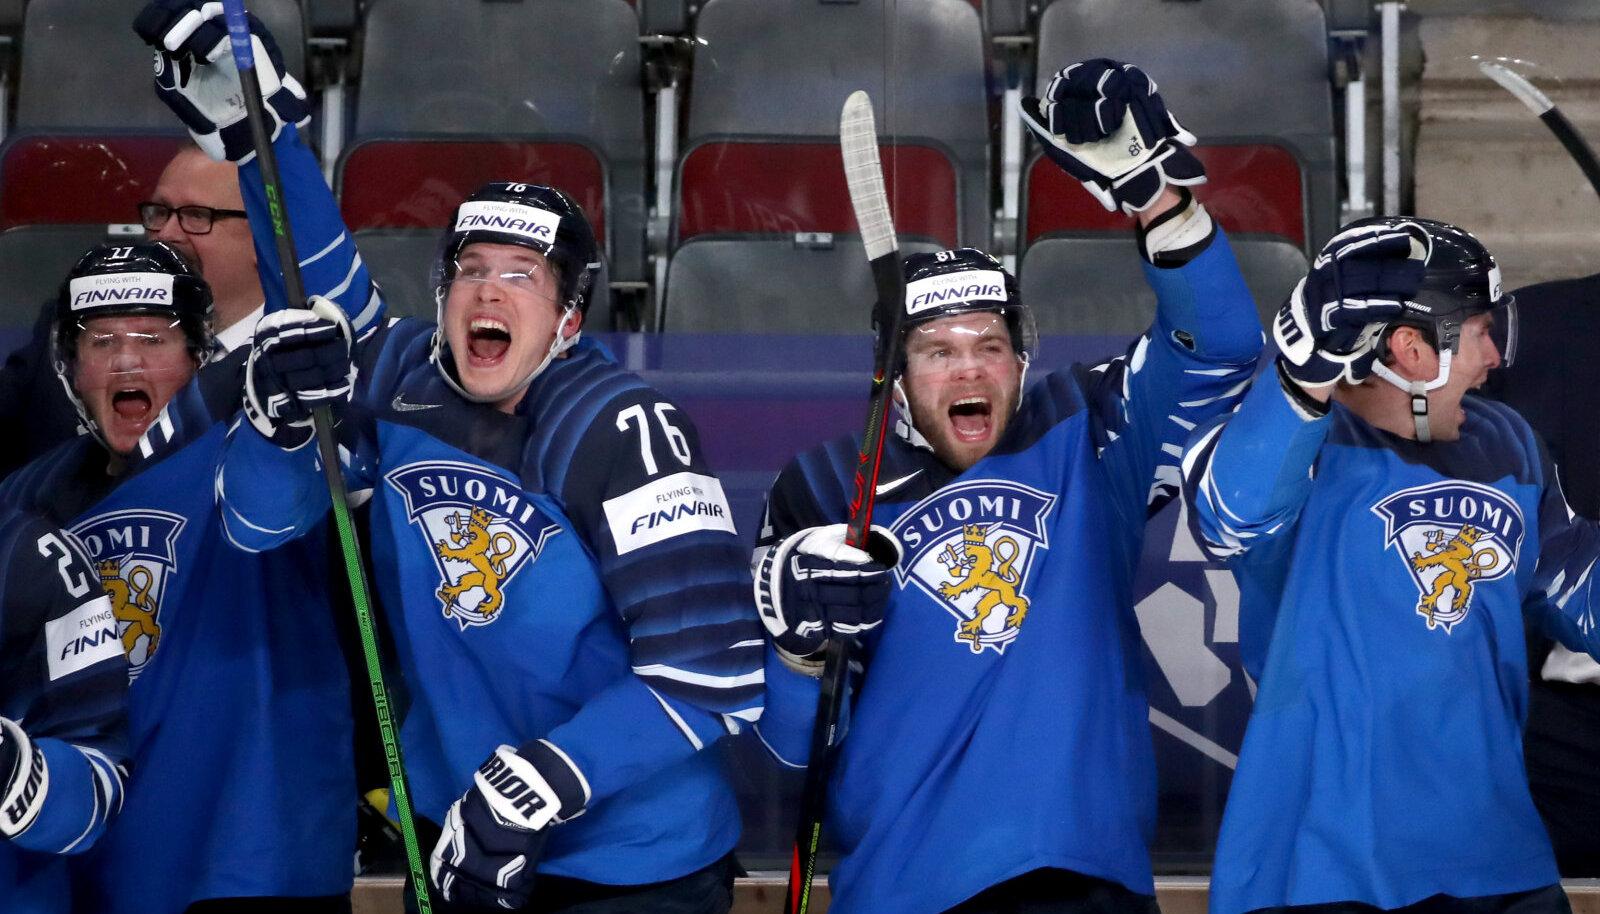 Soome hokimehed rõõmustavad